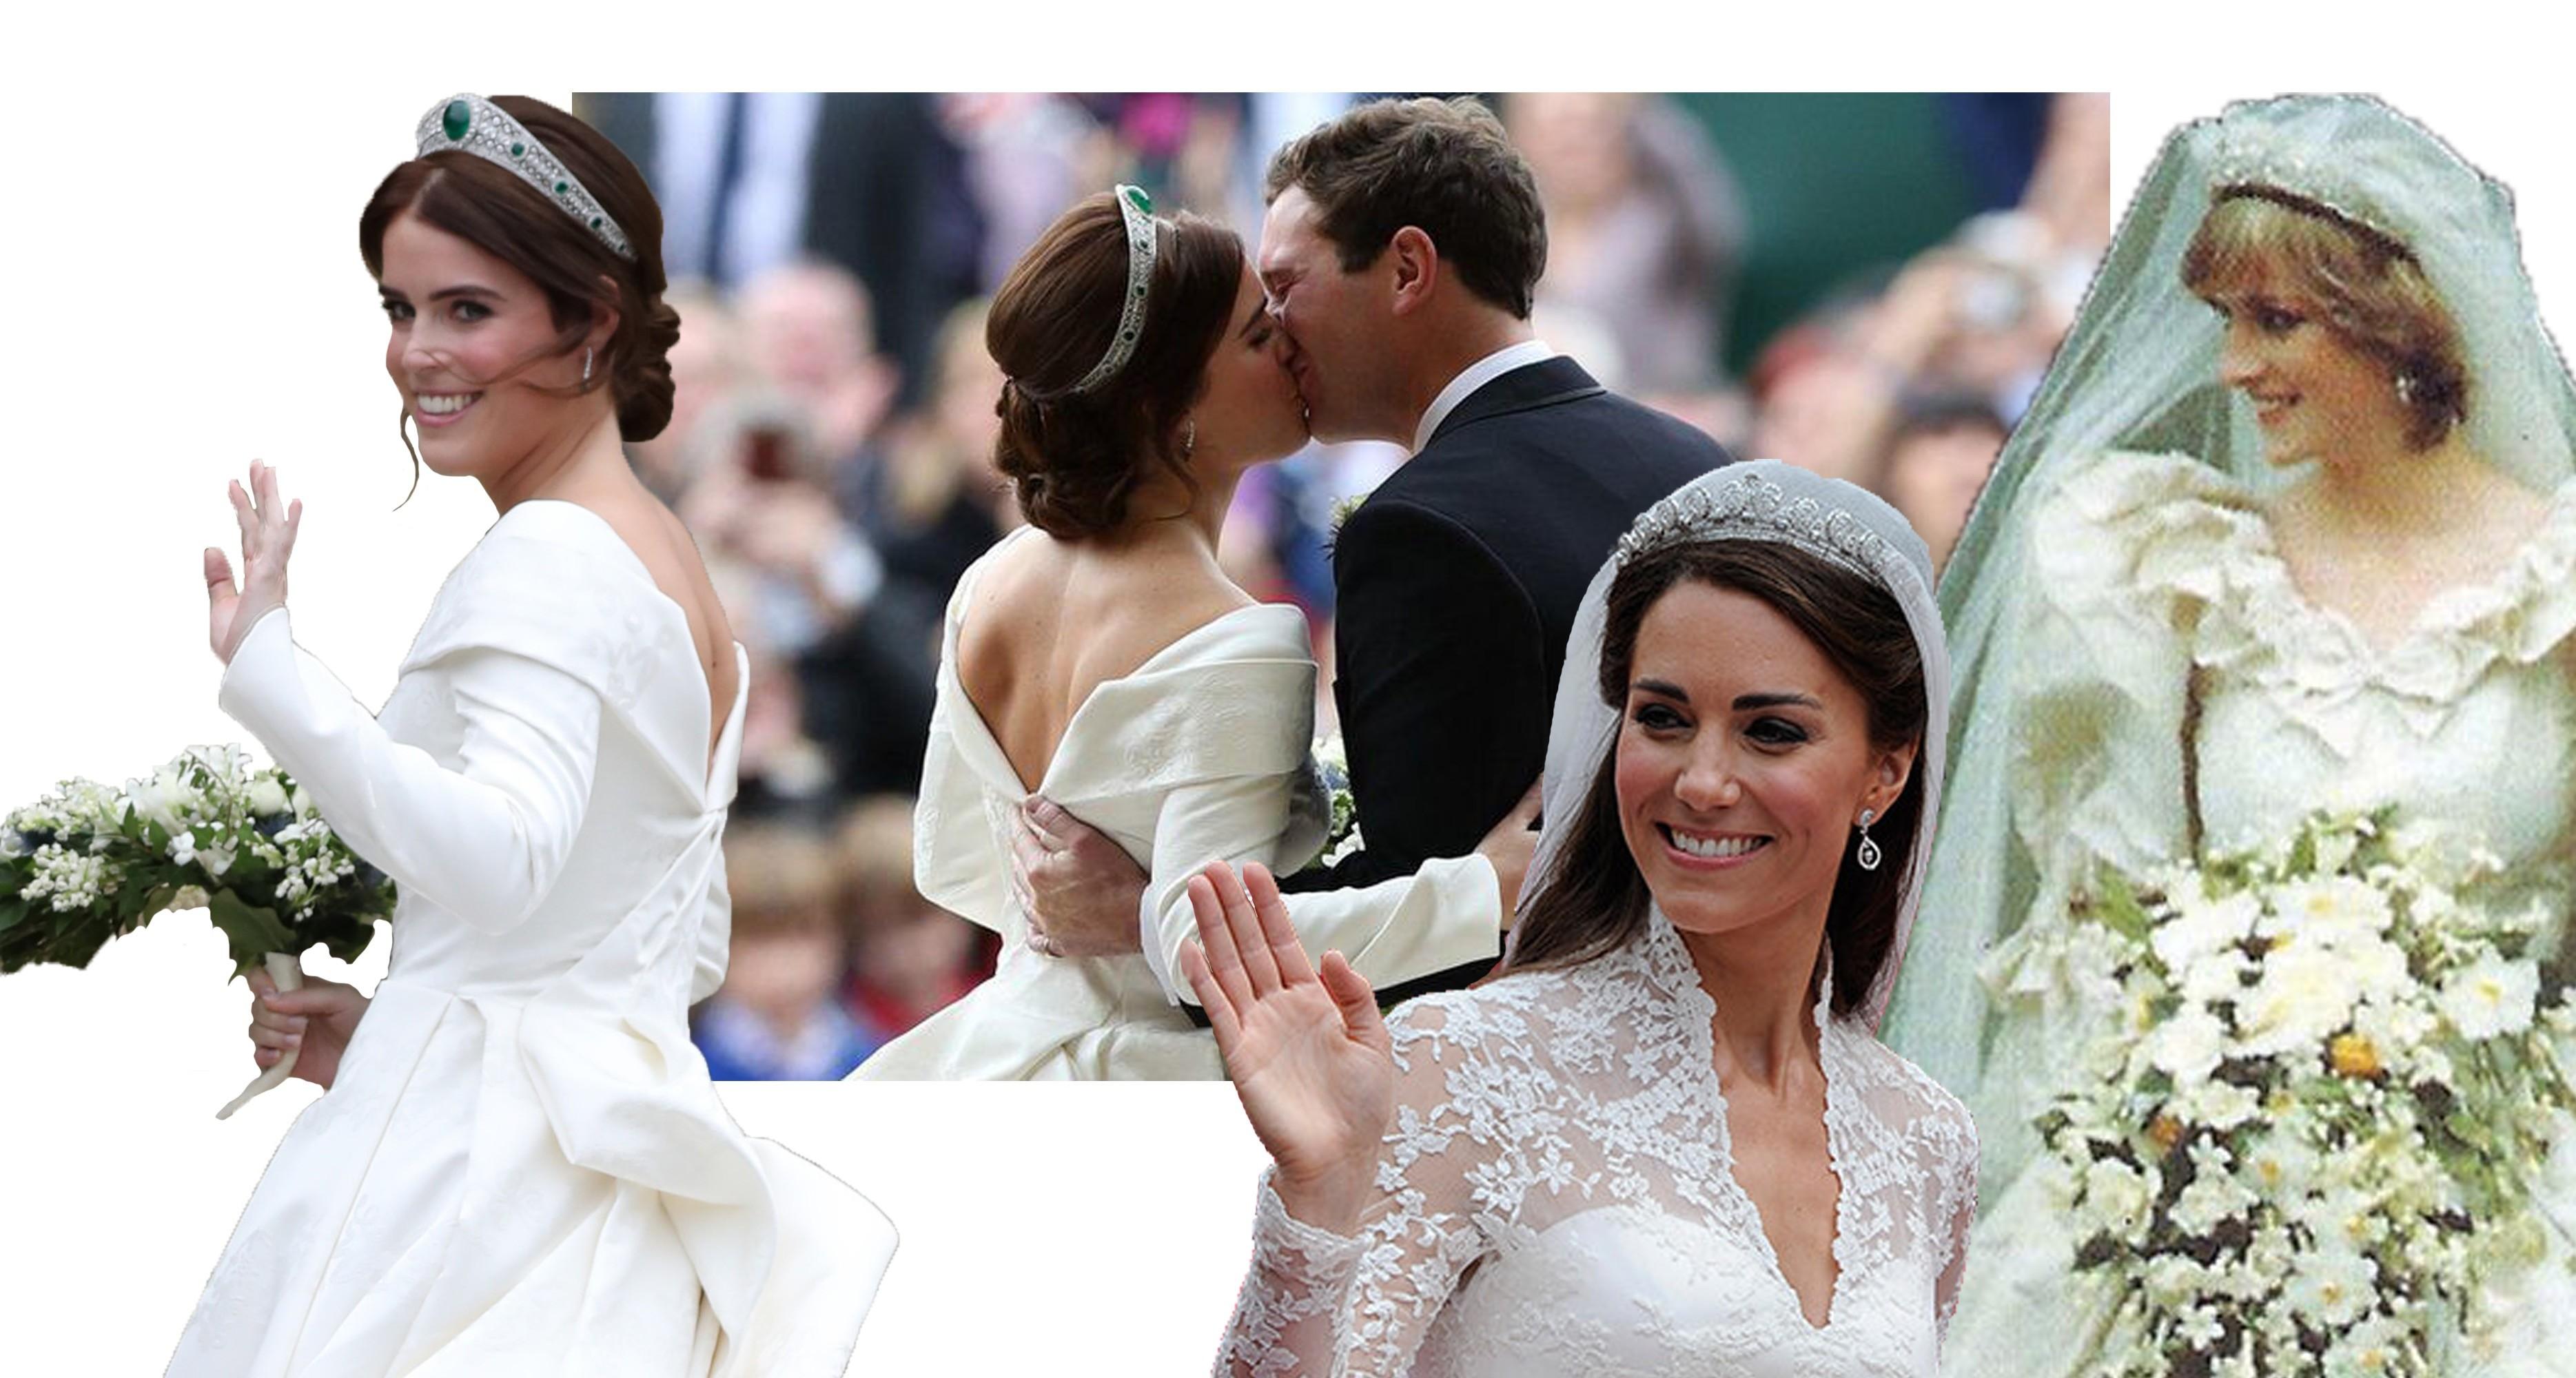 Битва платьев принцесс: в Сети сравнивают подвенечные наряды наследниц британского престола